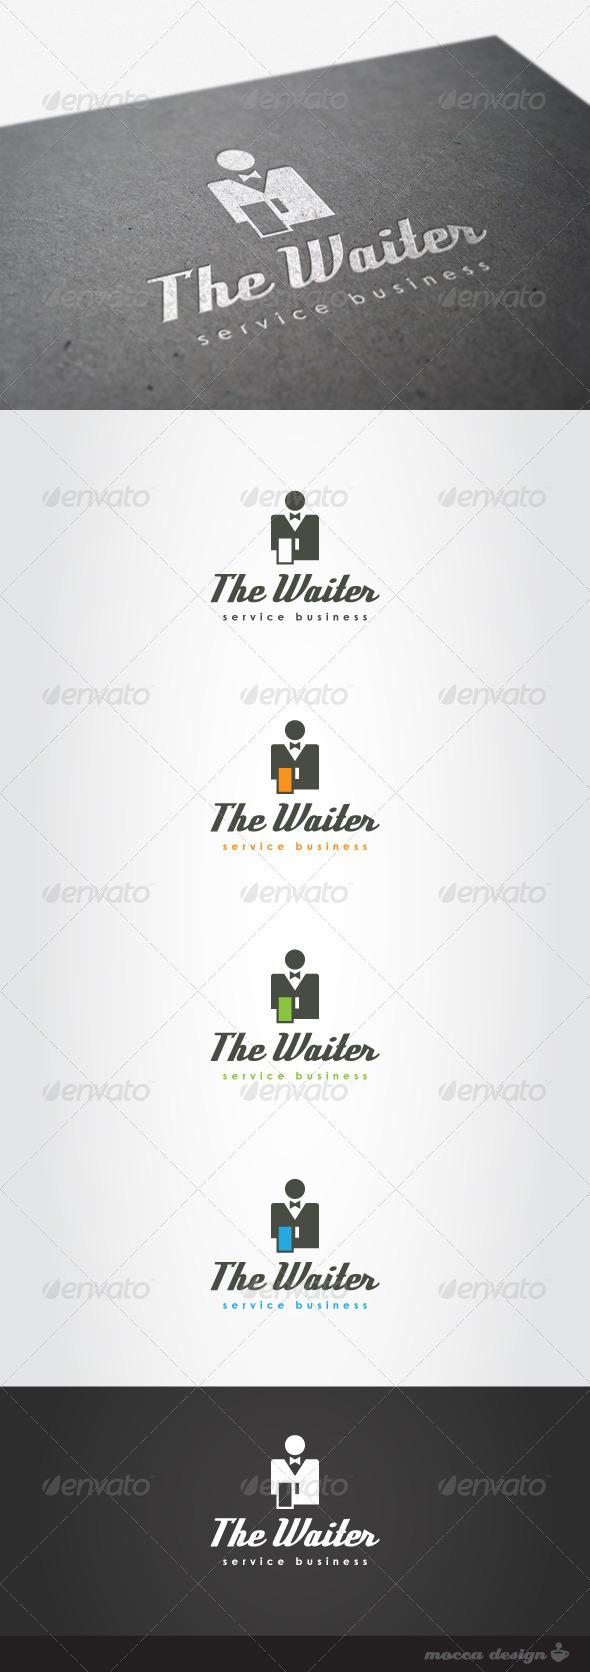 GraphicRiver The Waiter Logo 4508621